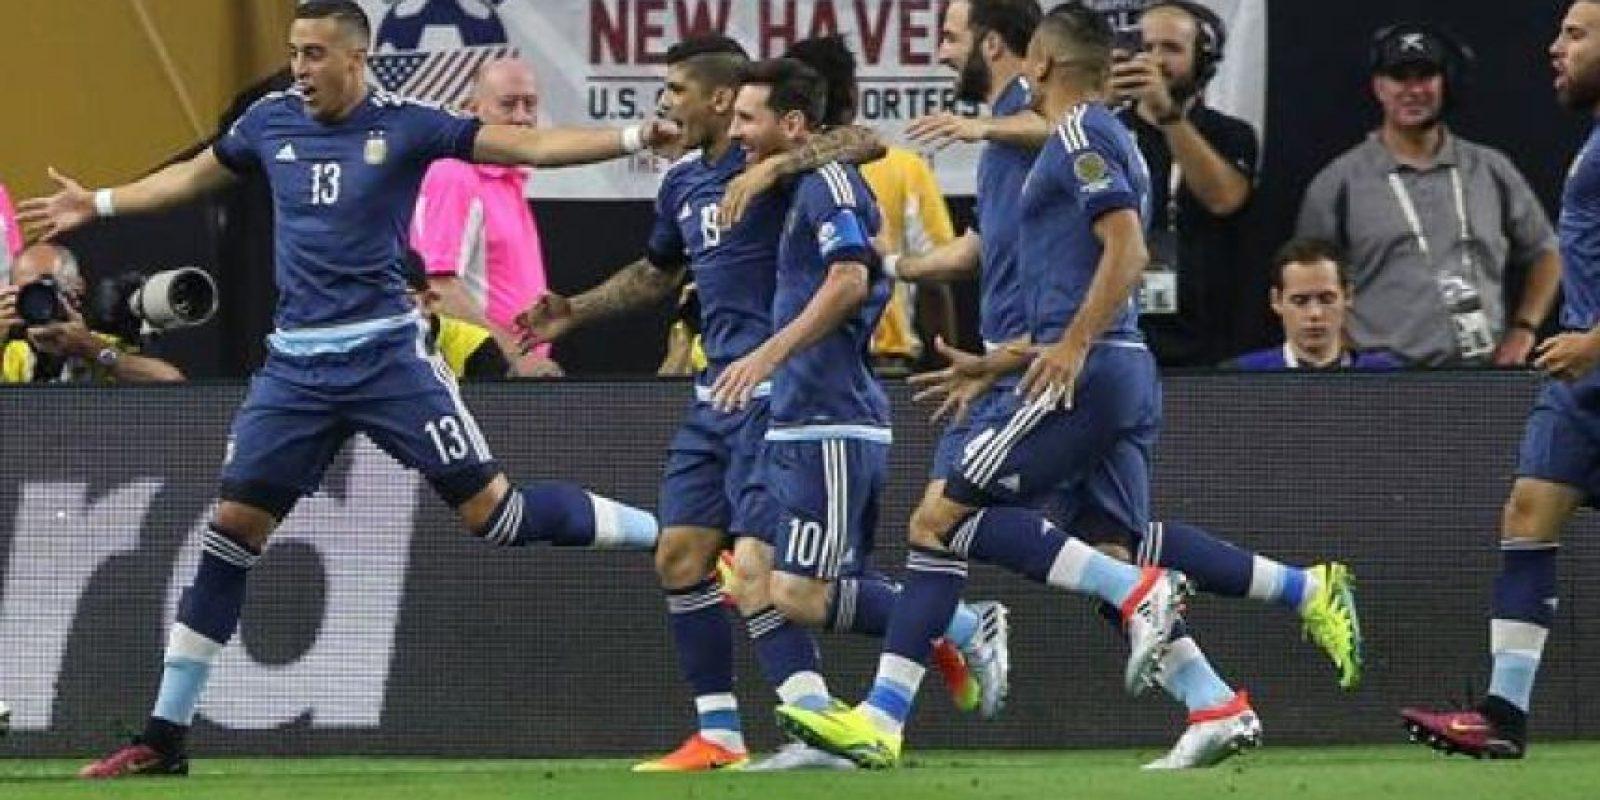 Marcos Rojo (i), Ramiro Funes Mori (2-i) y Lionel Messi (4-i), celebran la anotación de Ezequiel Lavezzi de la selección de Argentina contra EEUU Foto:EFE